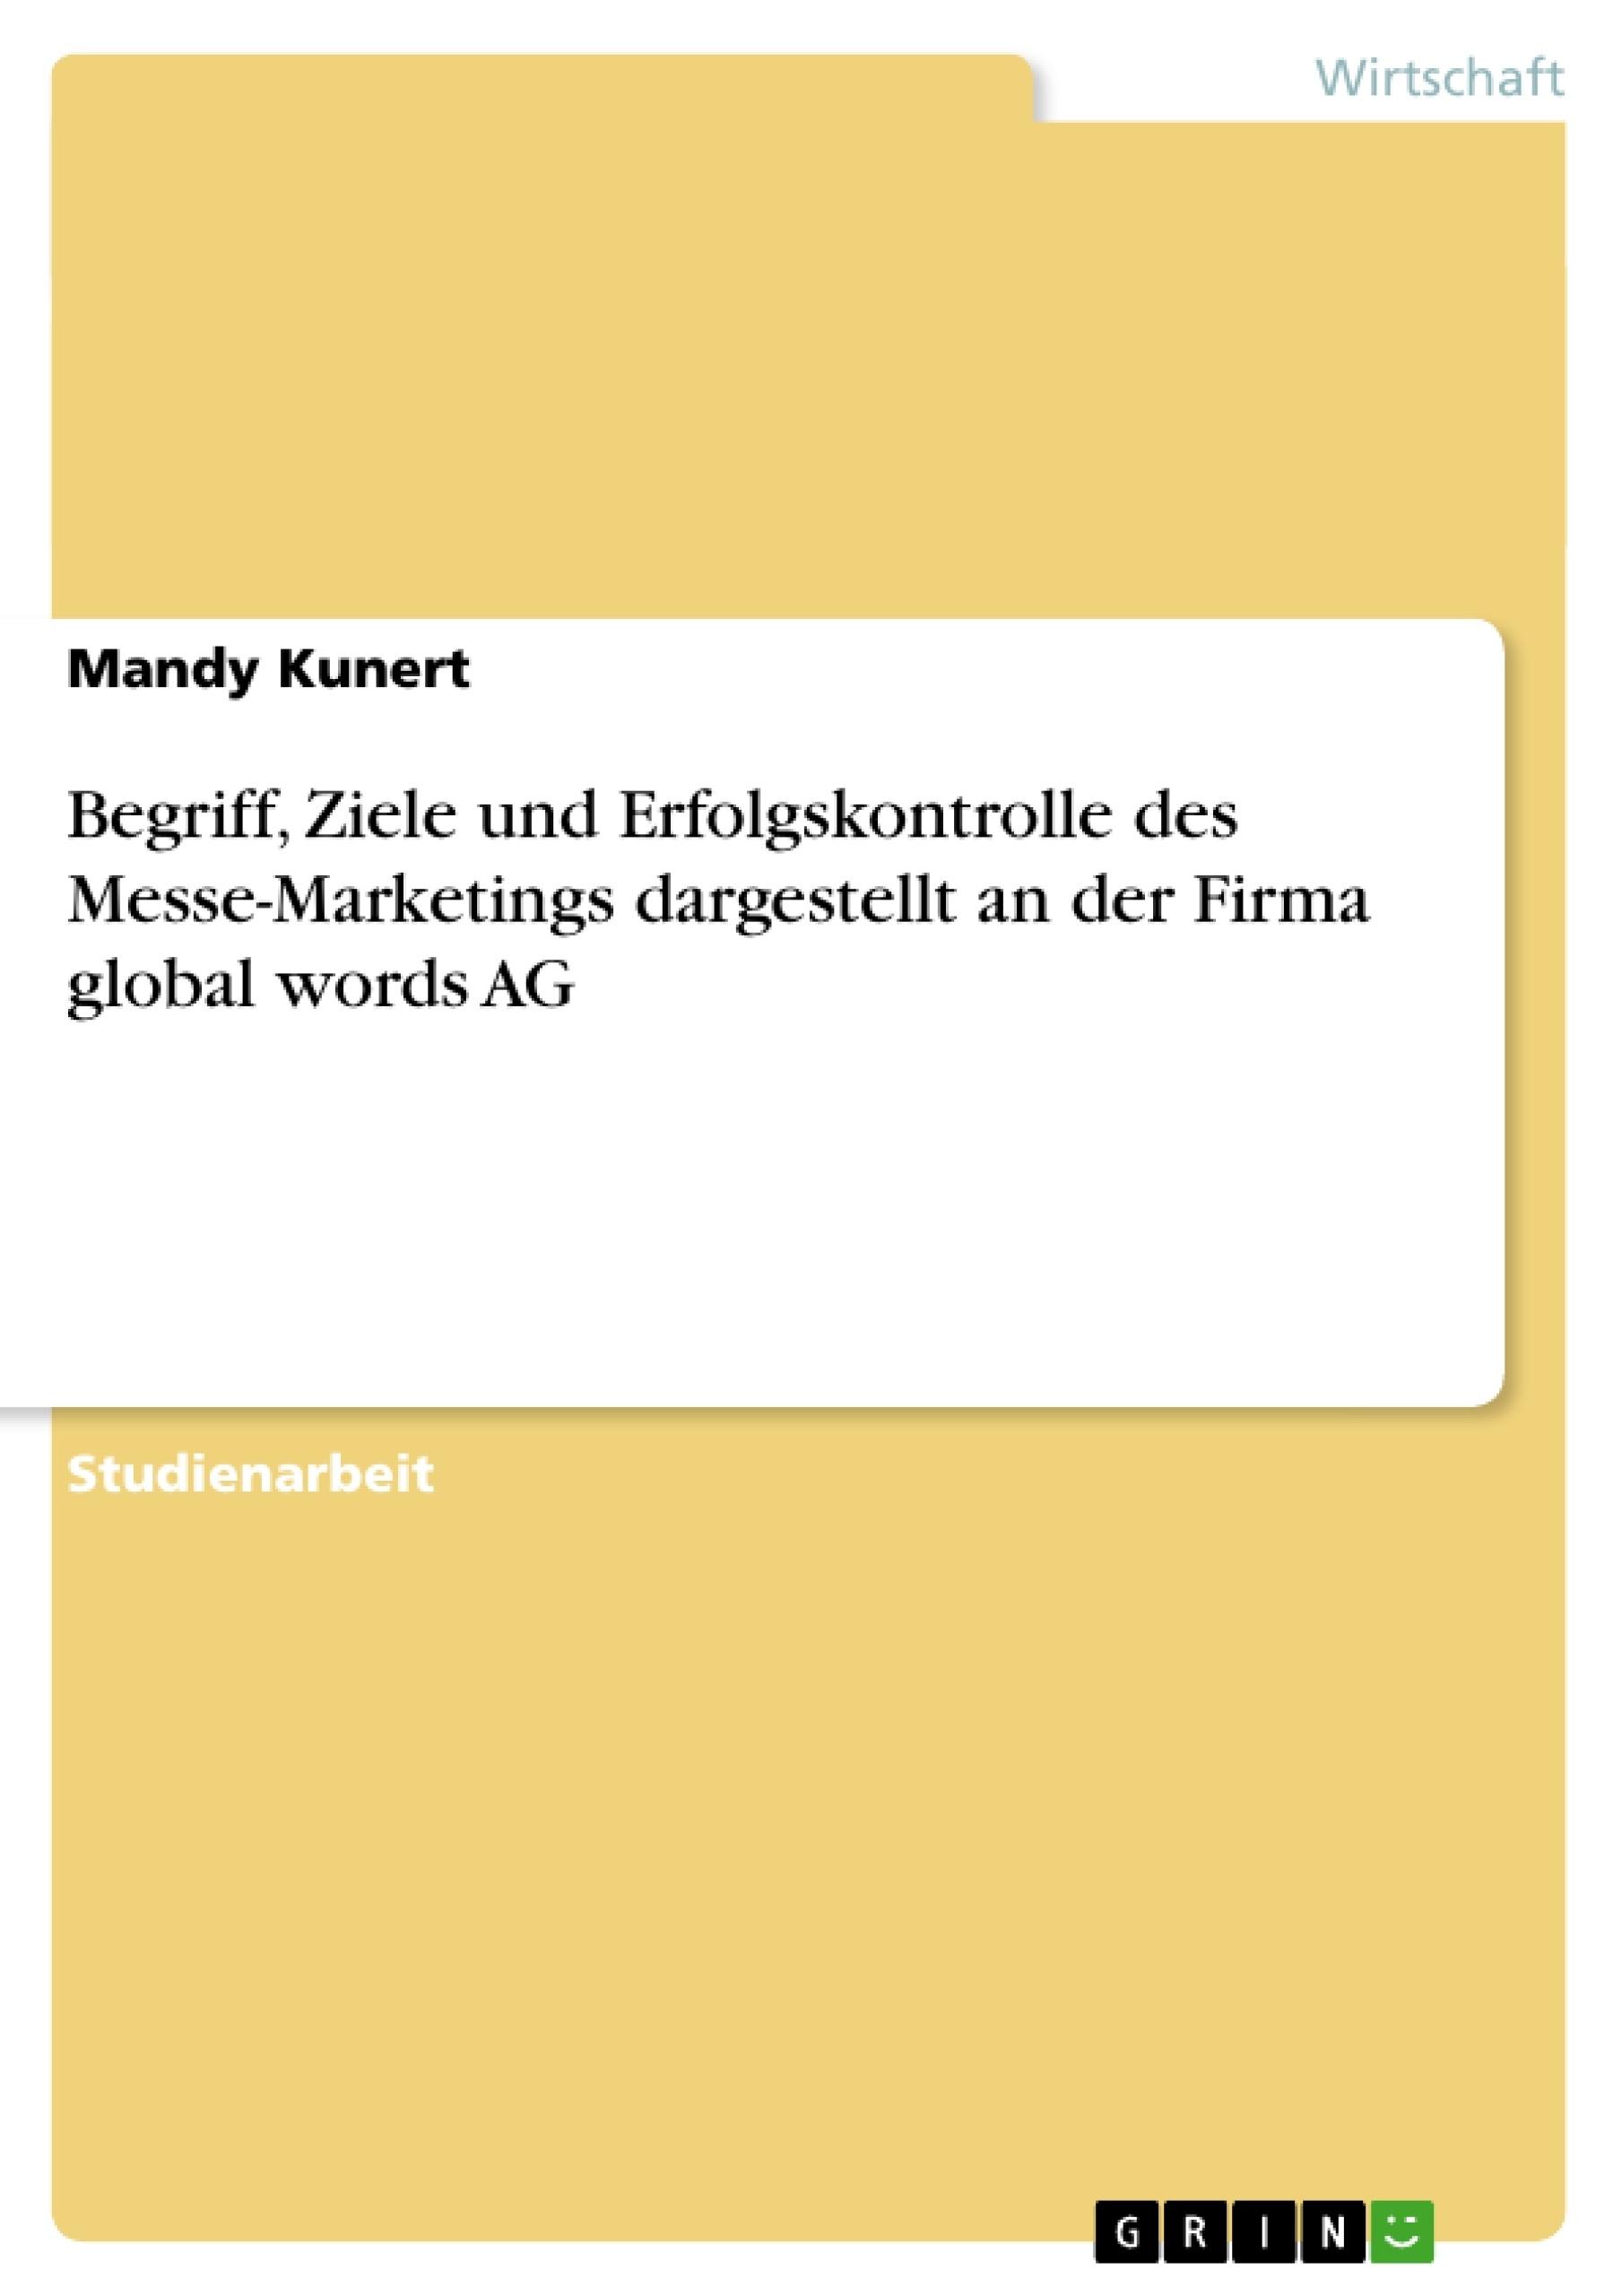 Titel: Begriff, Ziele und Erfolgskontrolle des Messe-Marketings dargestellt an der Firma global words AG